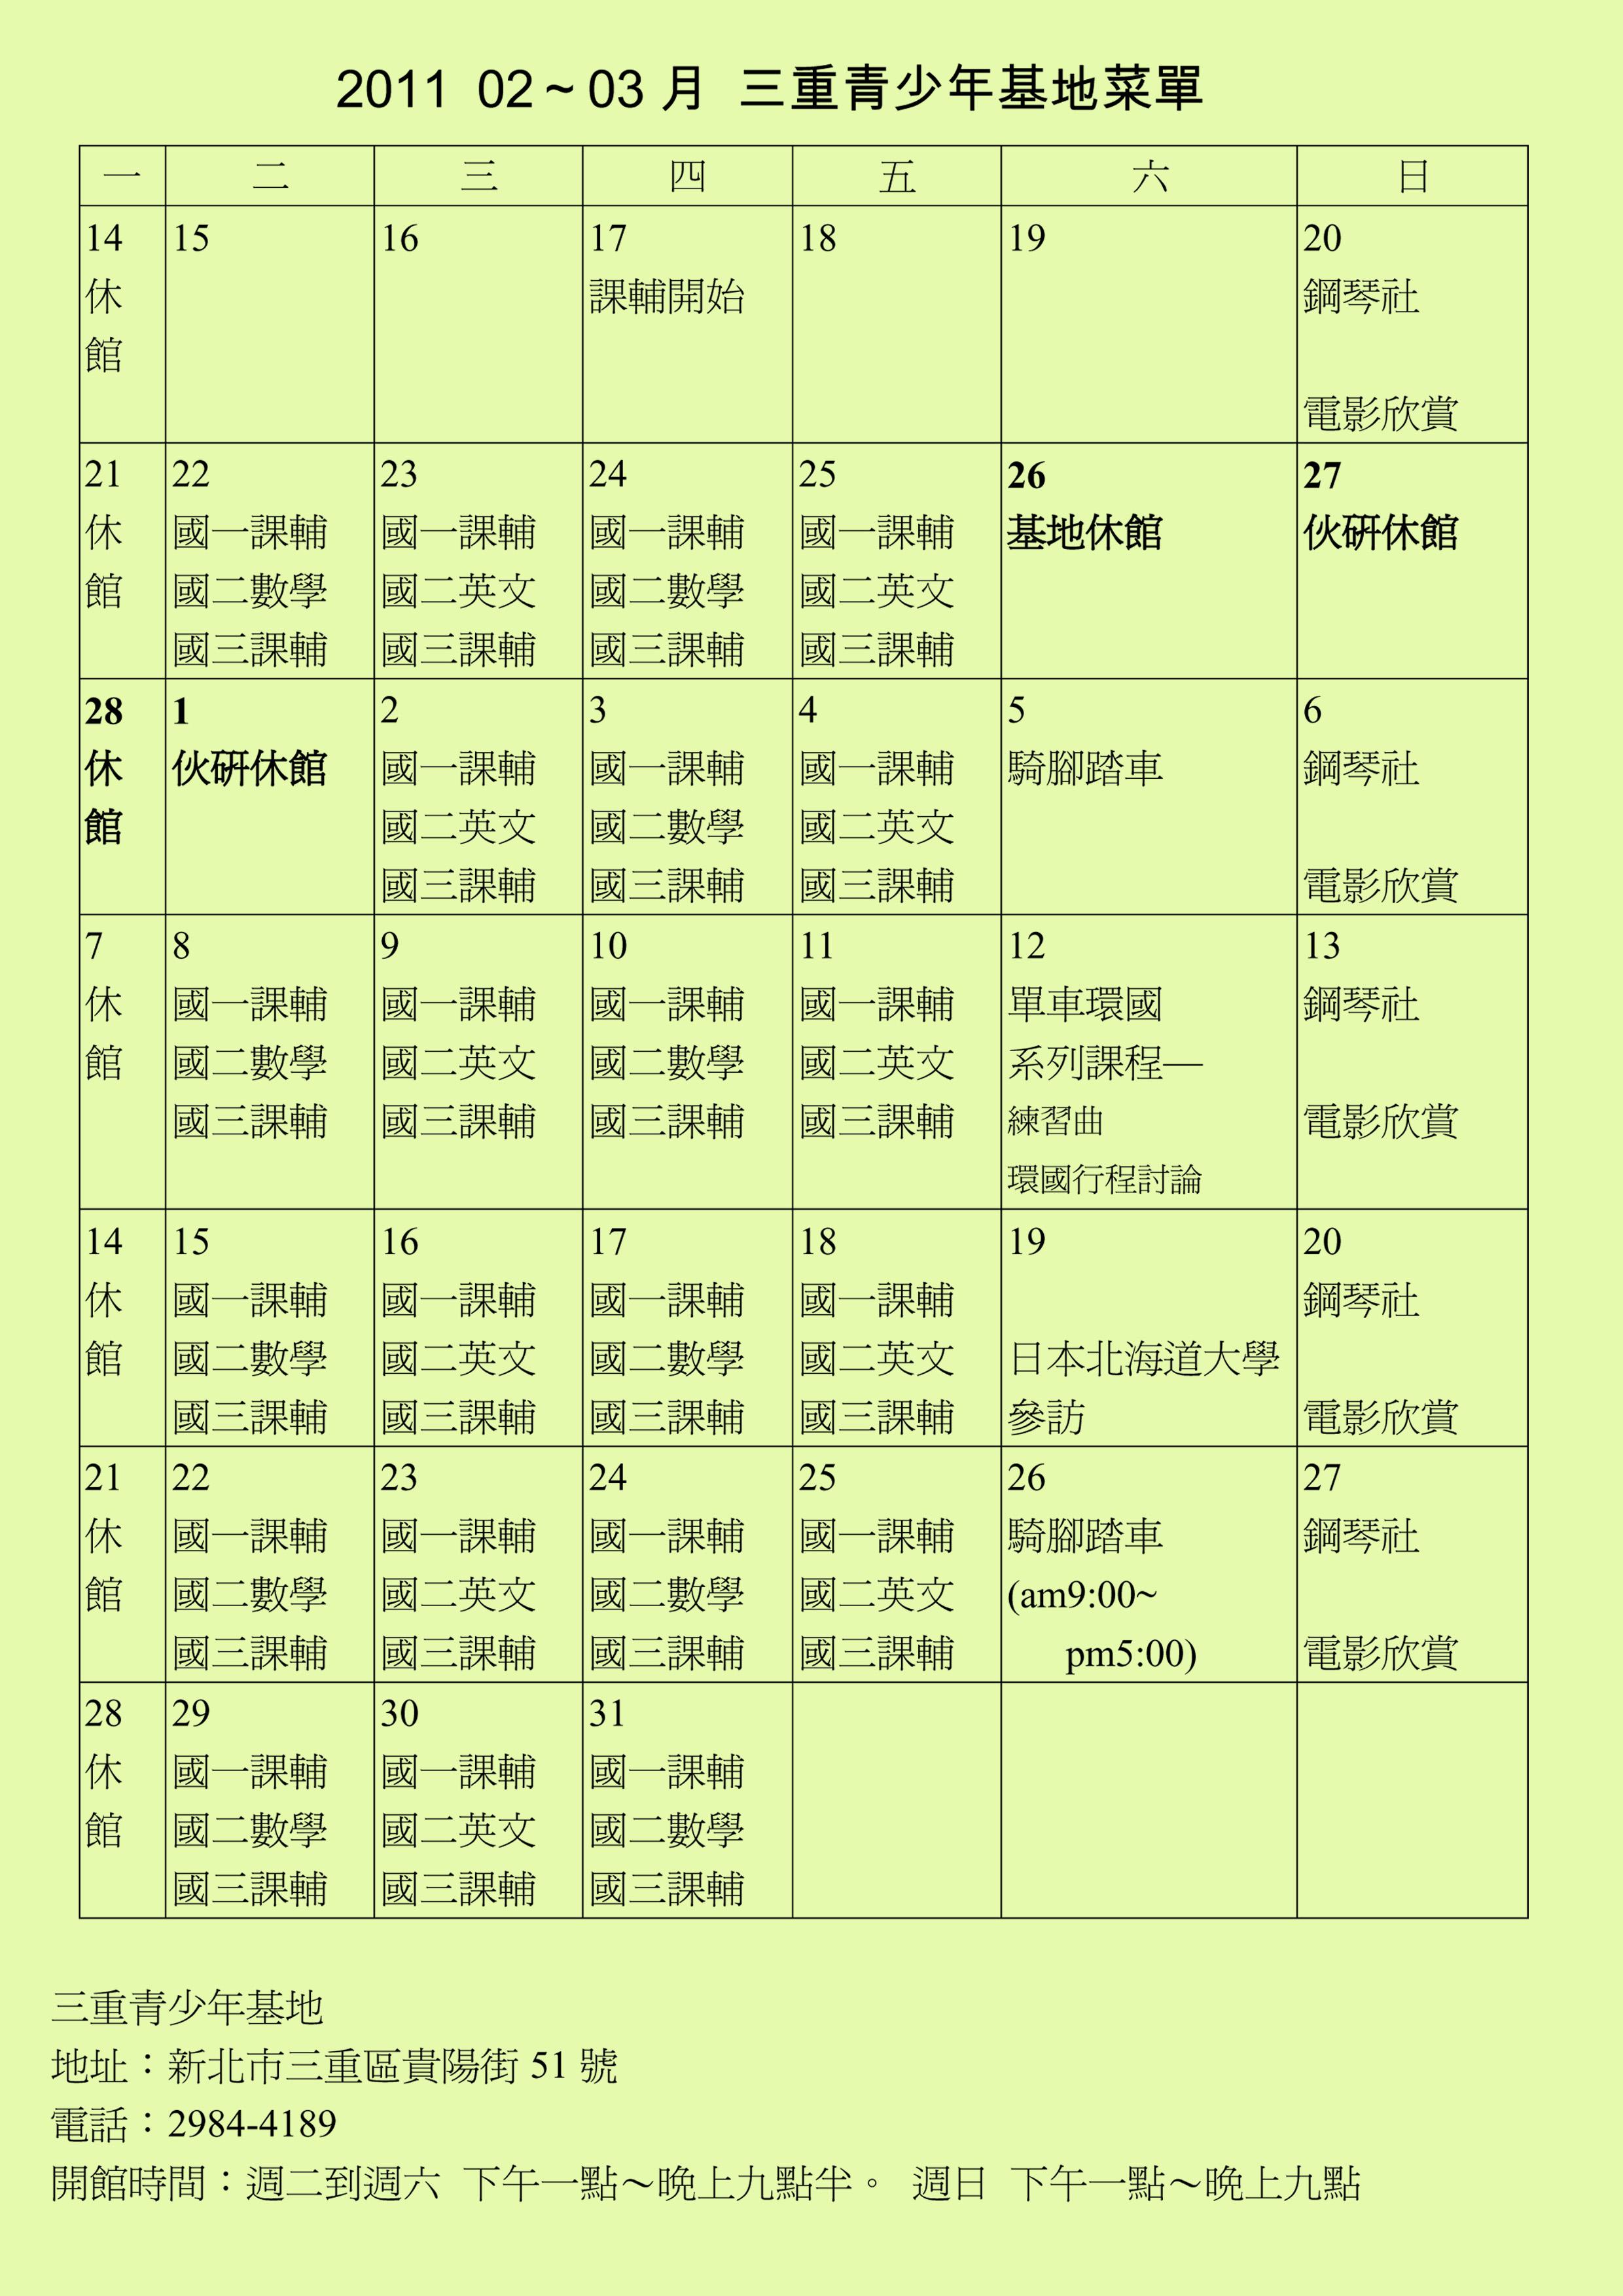 20110203行事曆.jpg